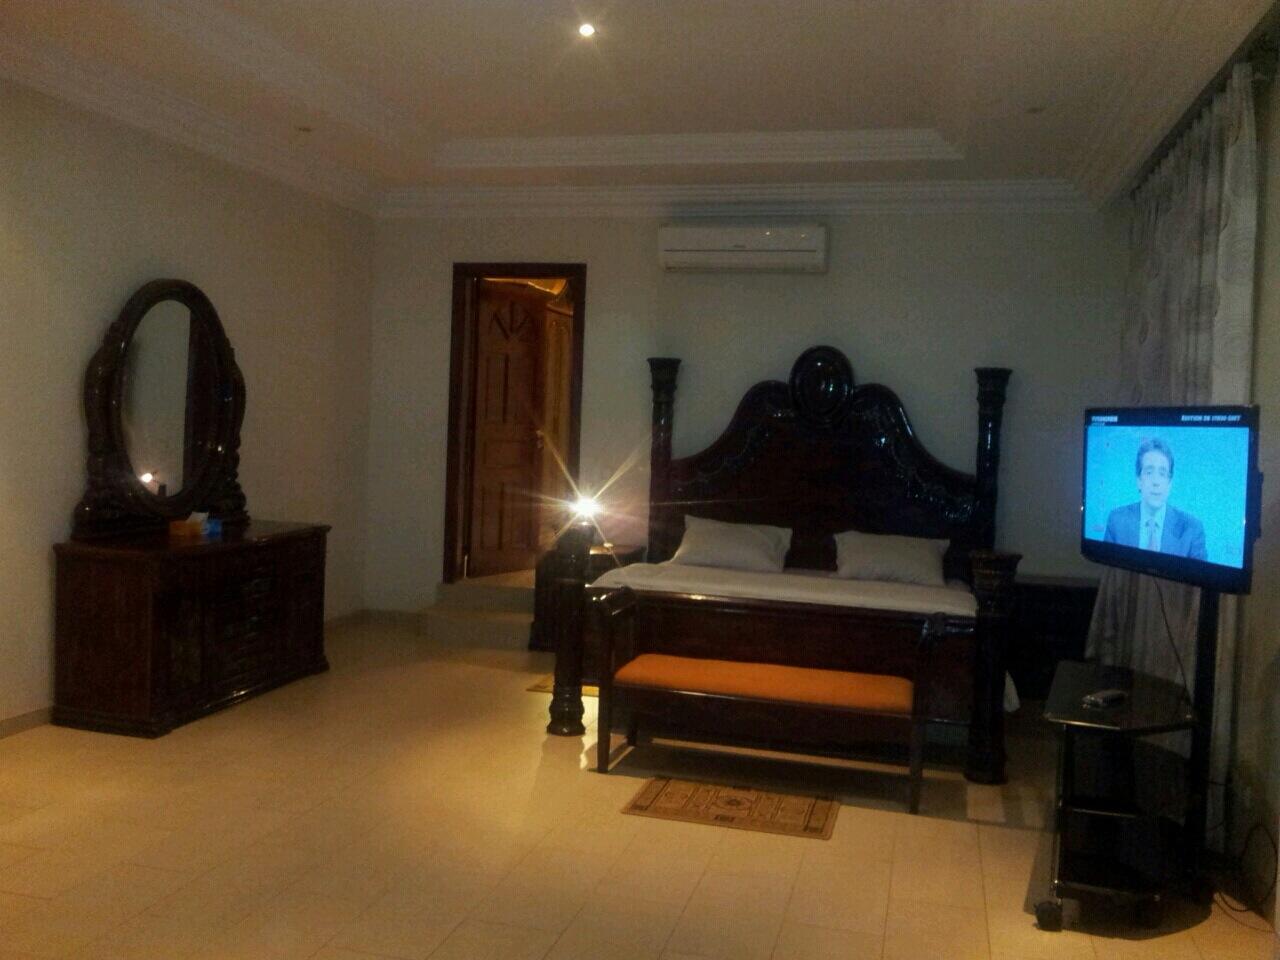 Je suis satisfait de na location appartement aix en provence - Appartement a louer par proprietaire ...